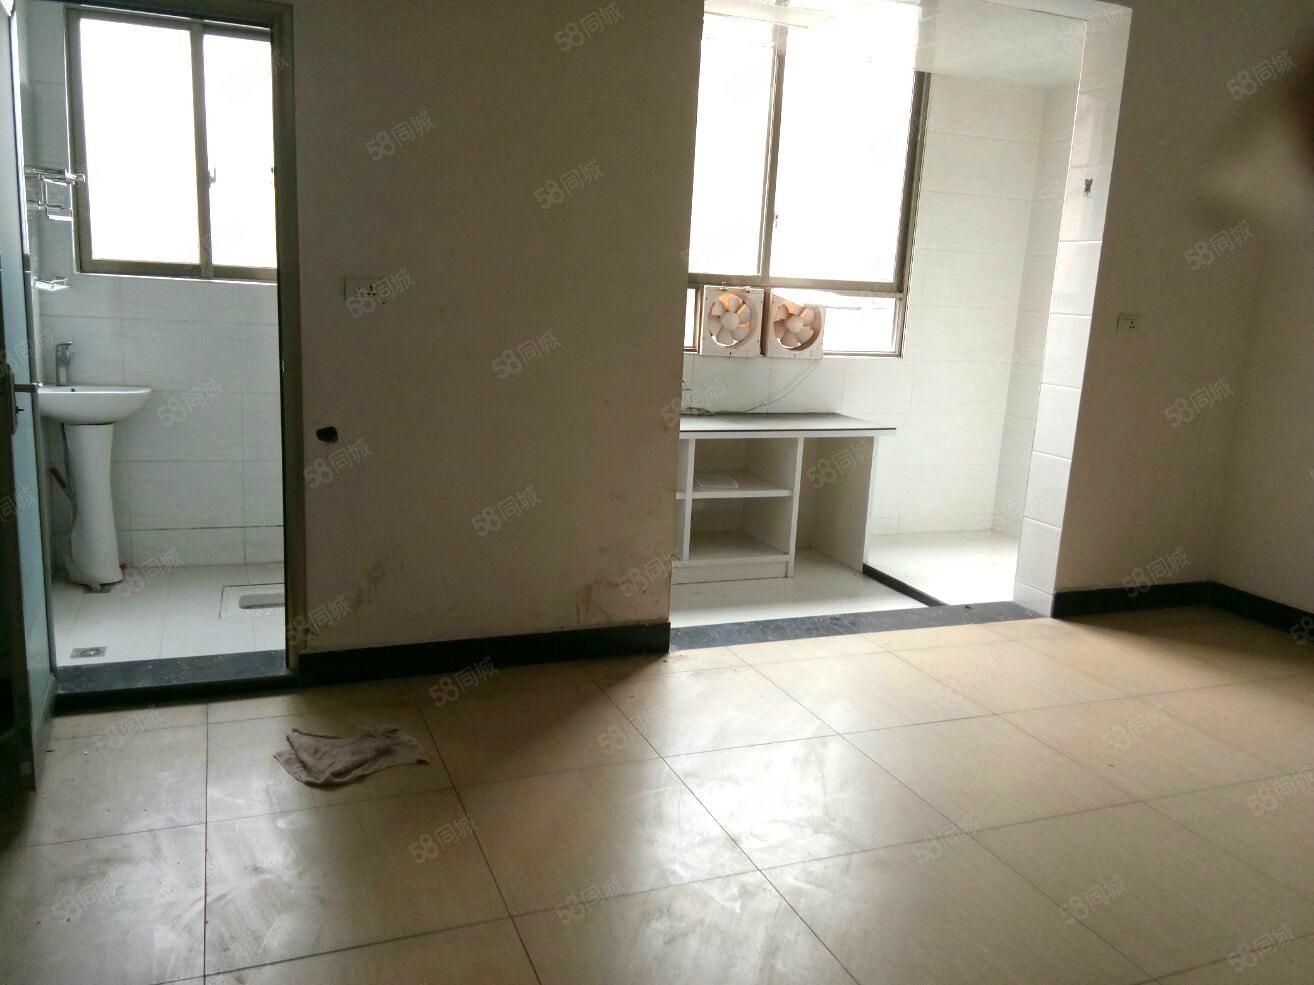 老农校3室1厅1卫900元/月,干净整洁,随时入住